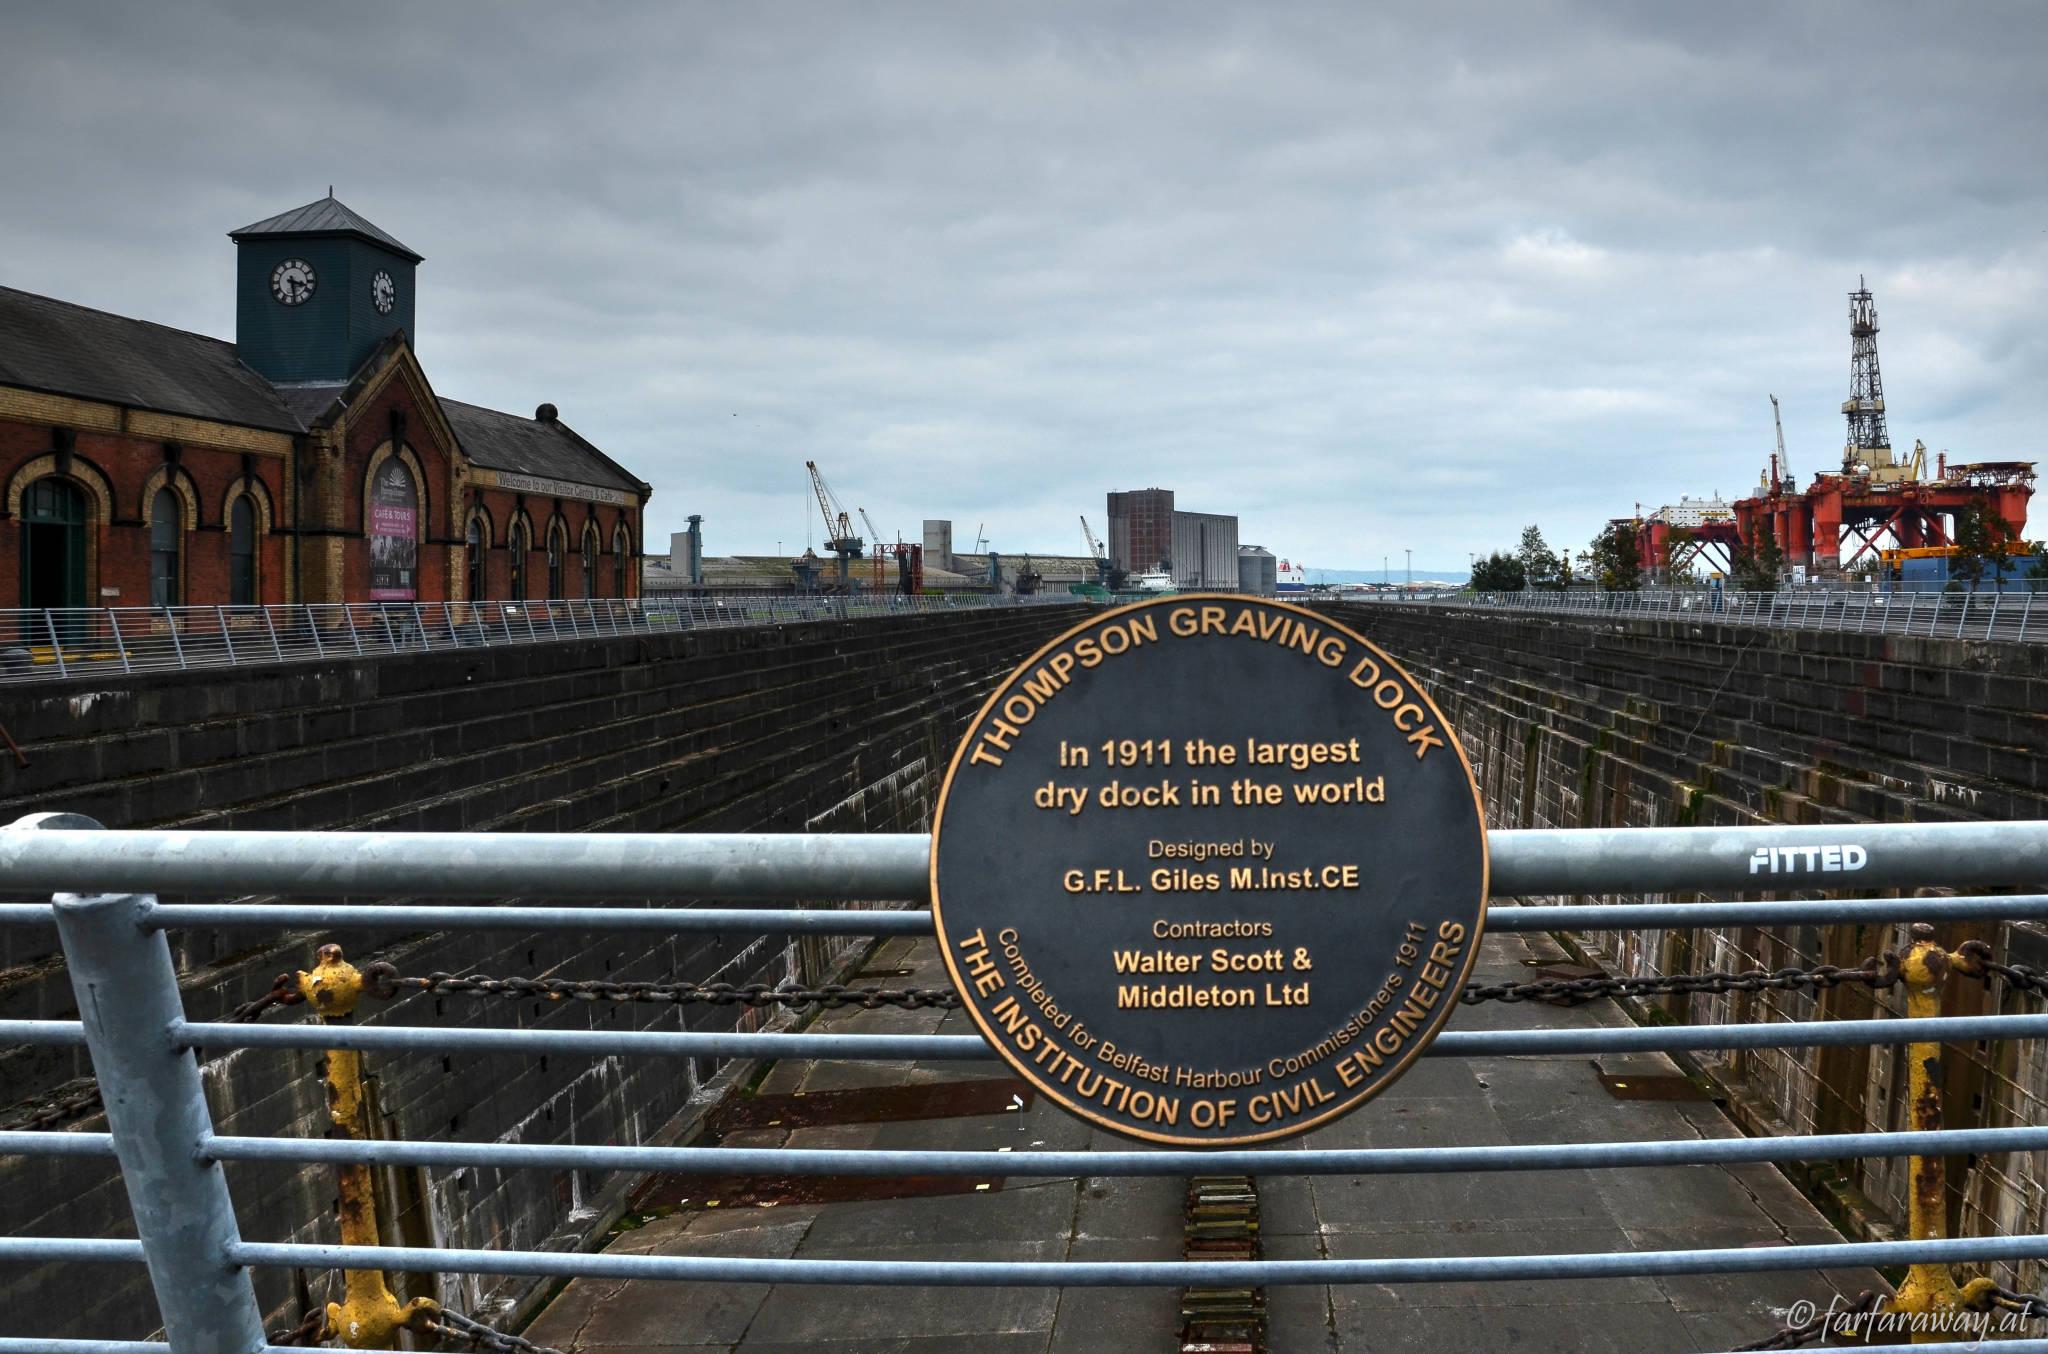 Thompson Graving Dock war 1911 das größte Trockendock der Welt.